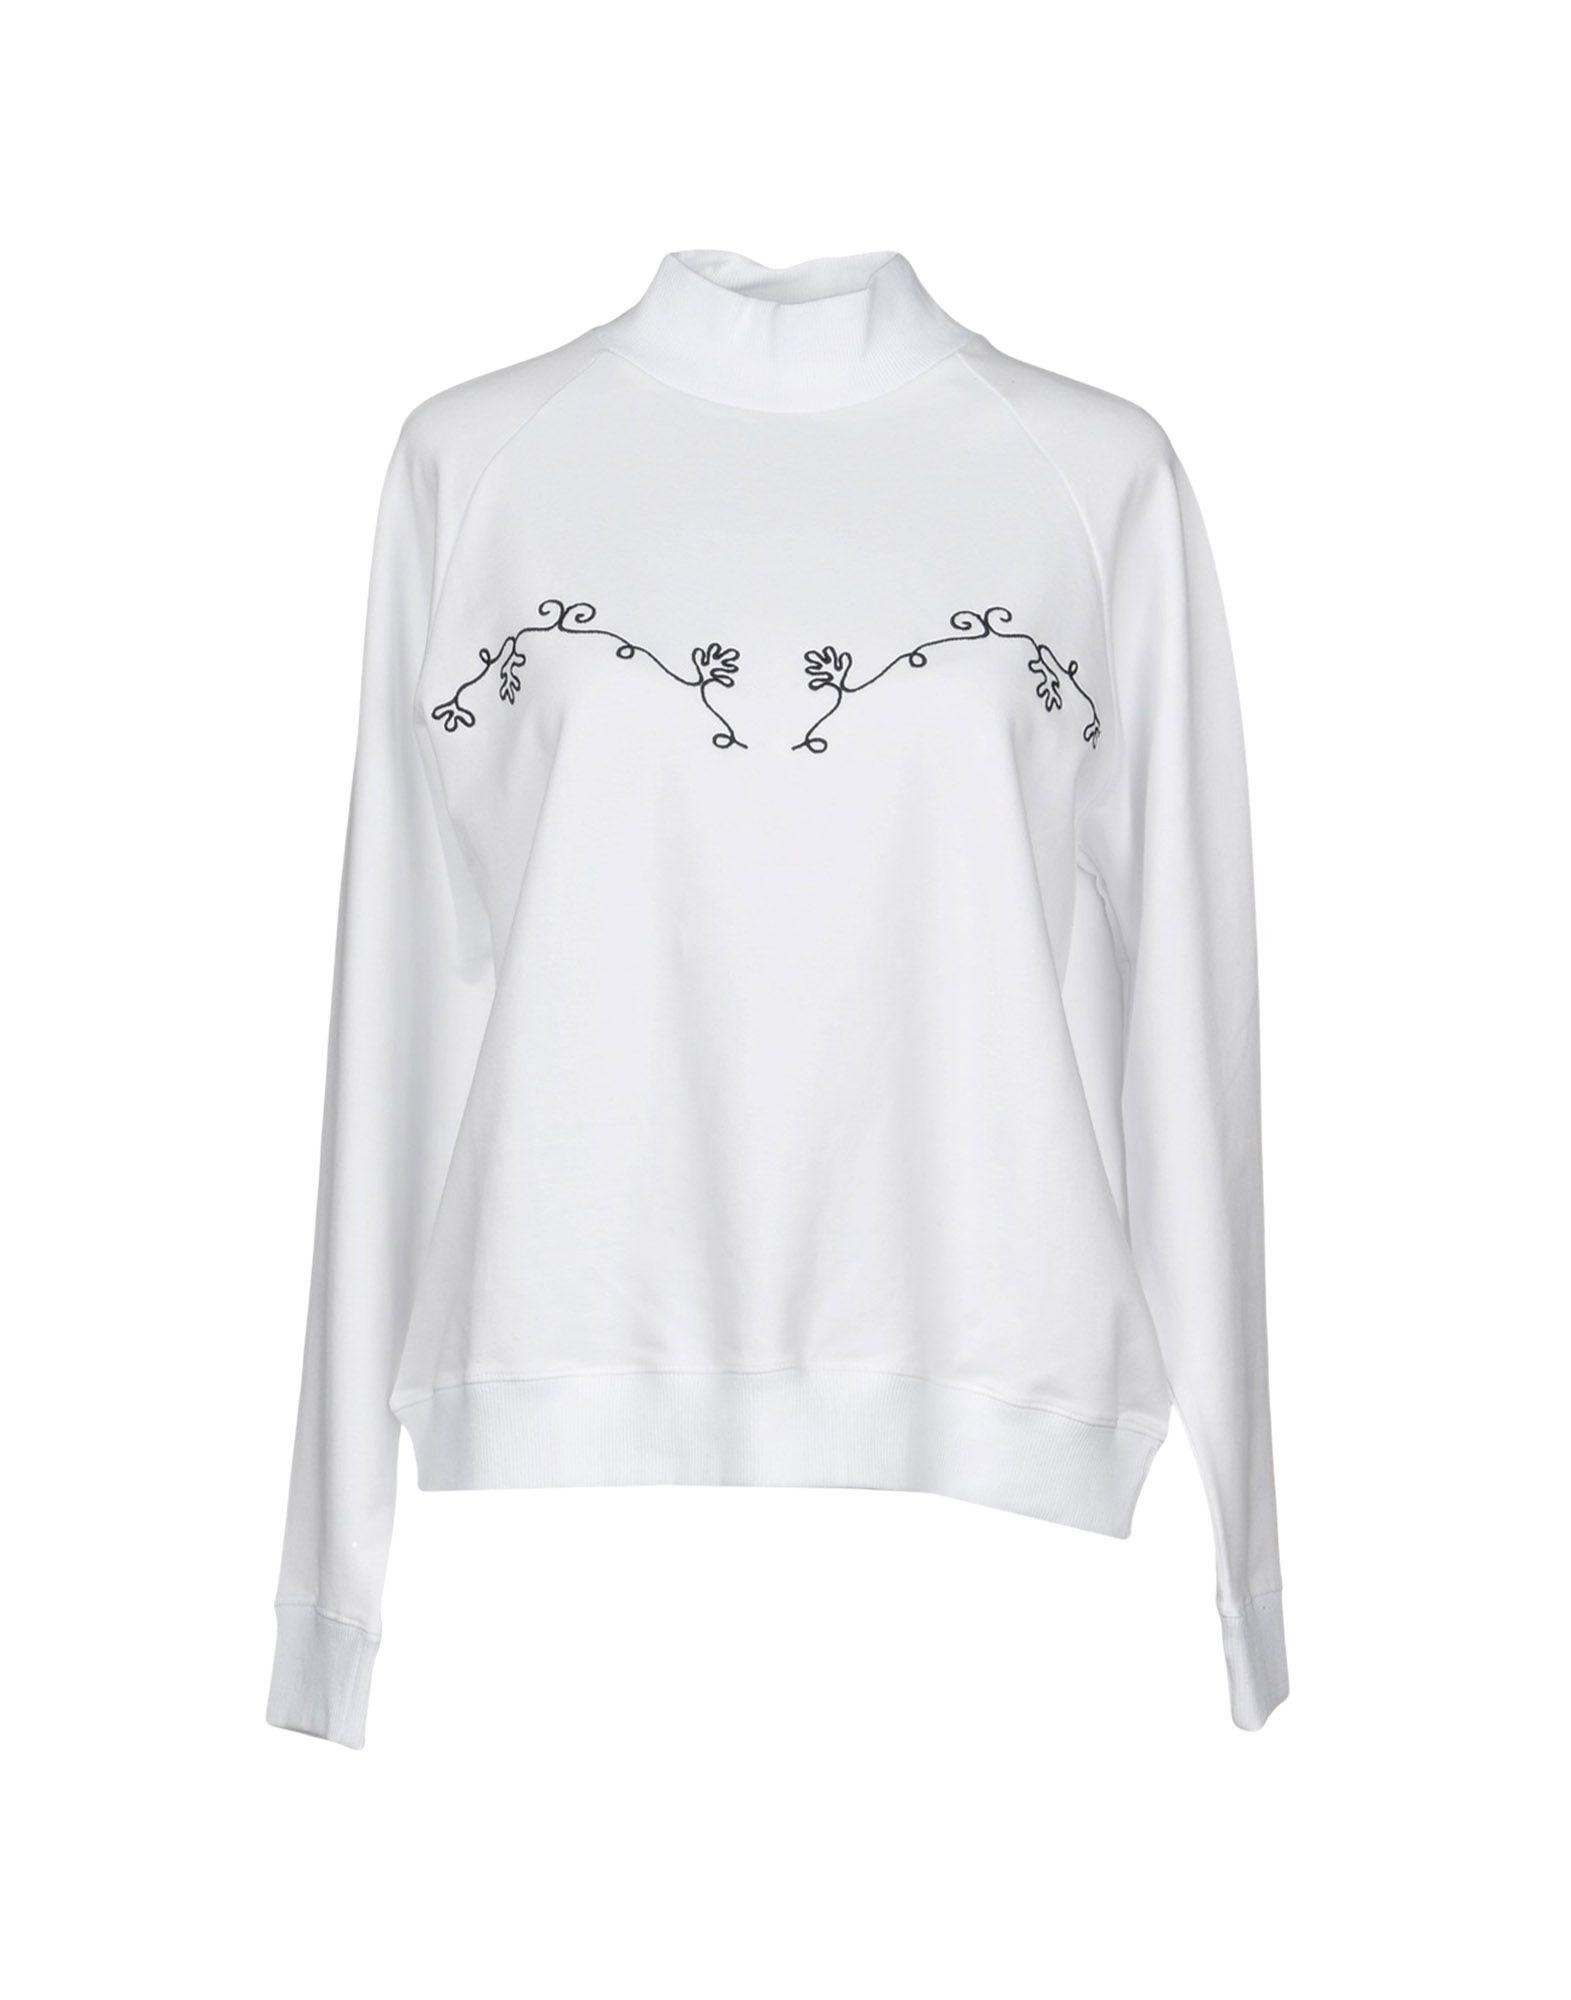 BRUTA Sweatshirt in White